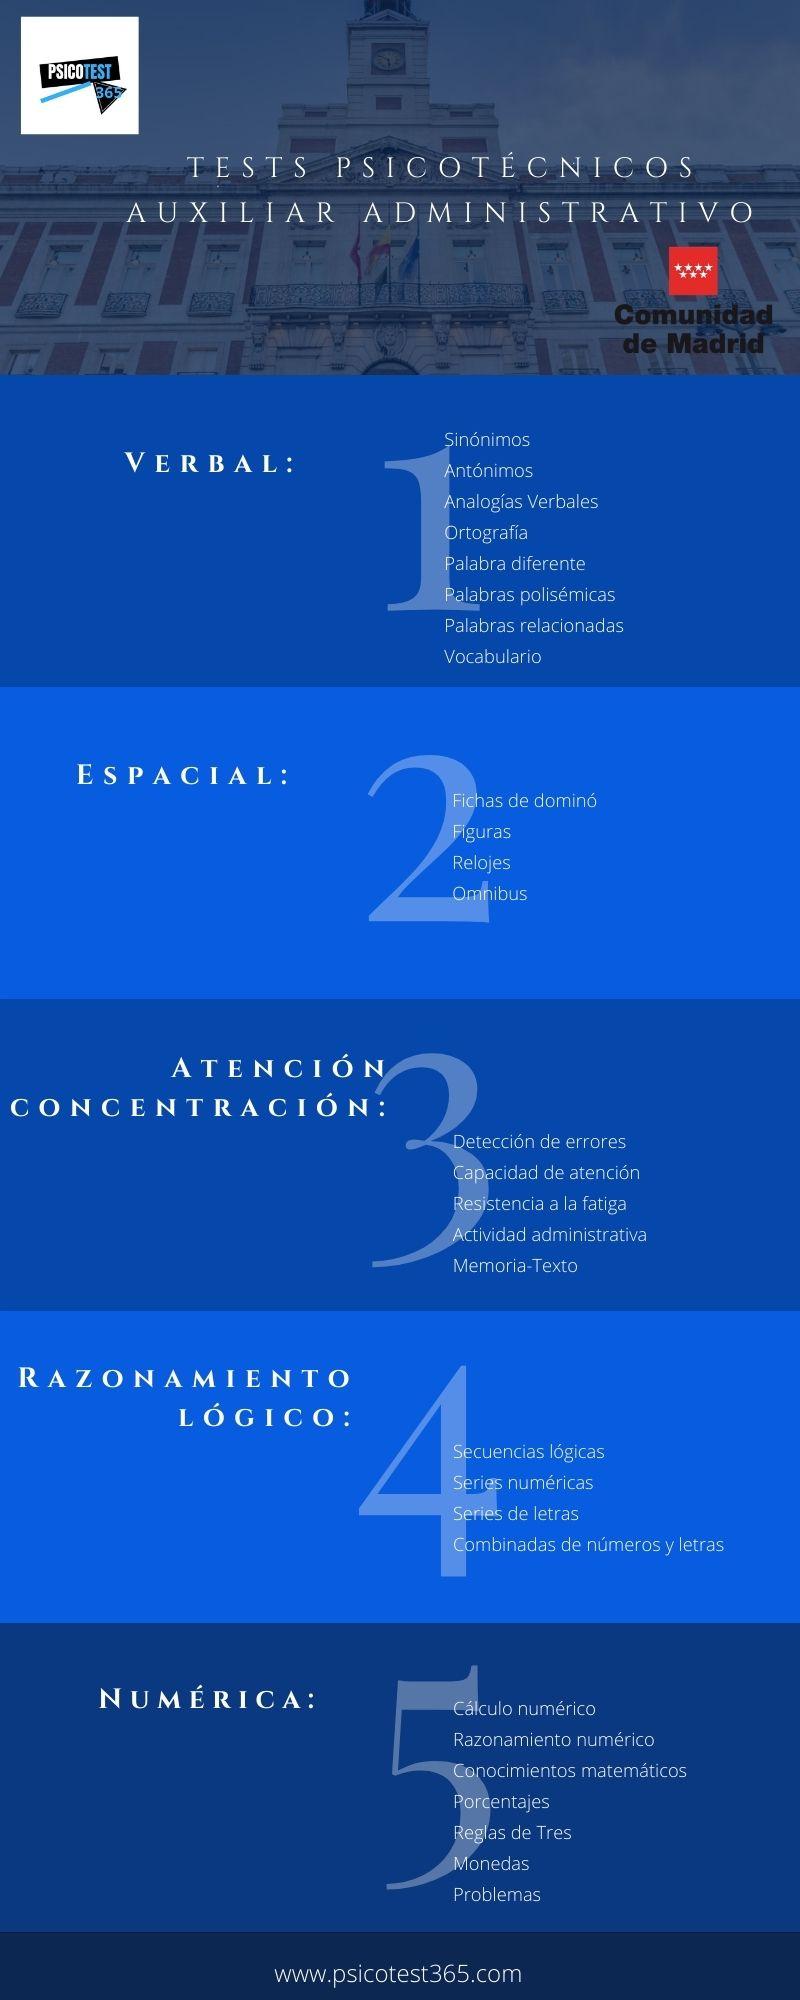 infografía psicotécnicos auxiliar administrativo comunidad de madrid